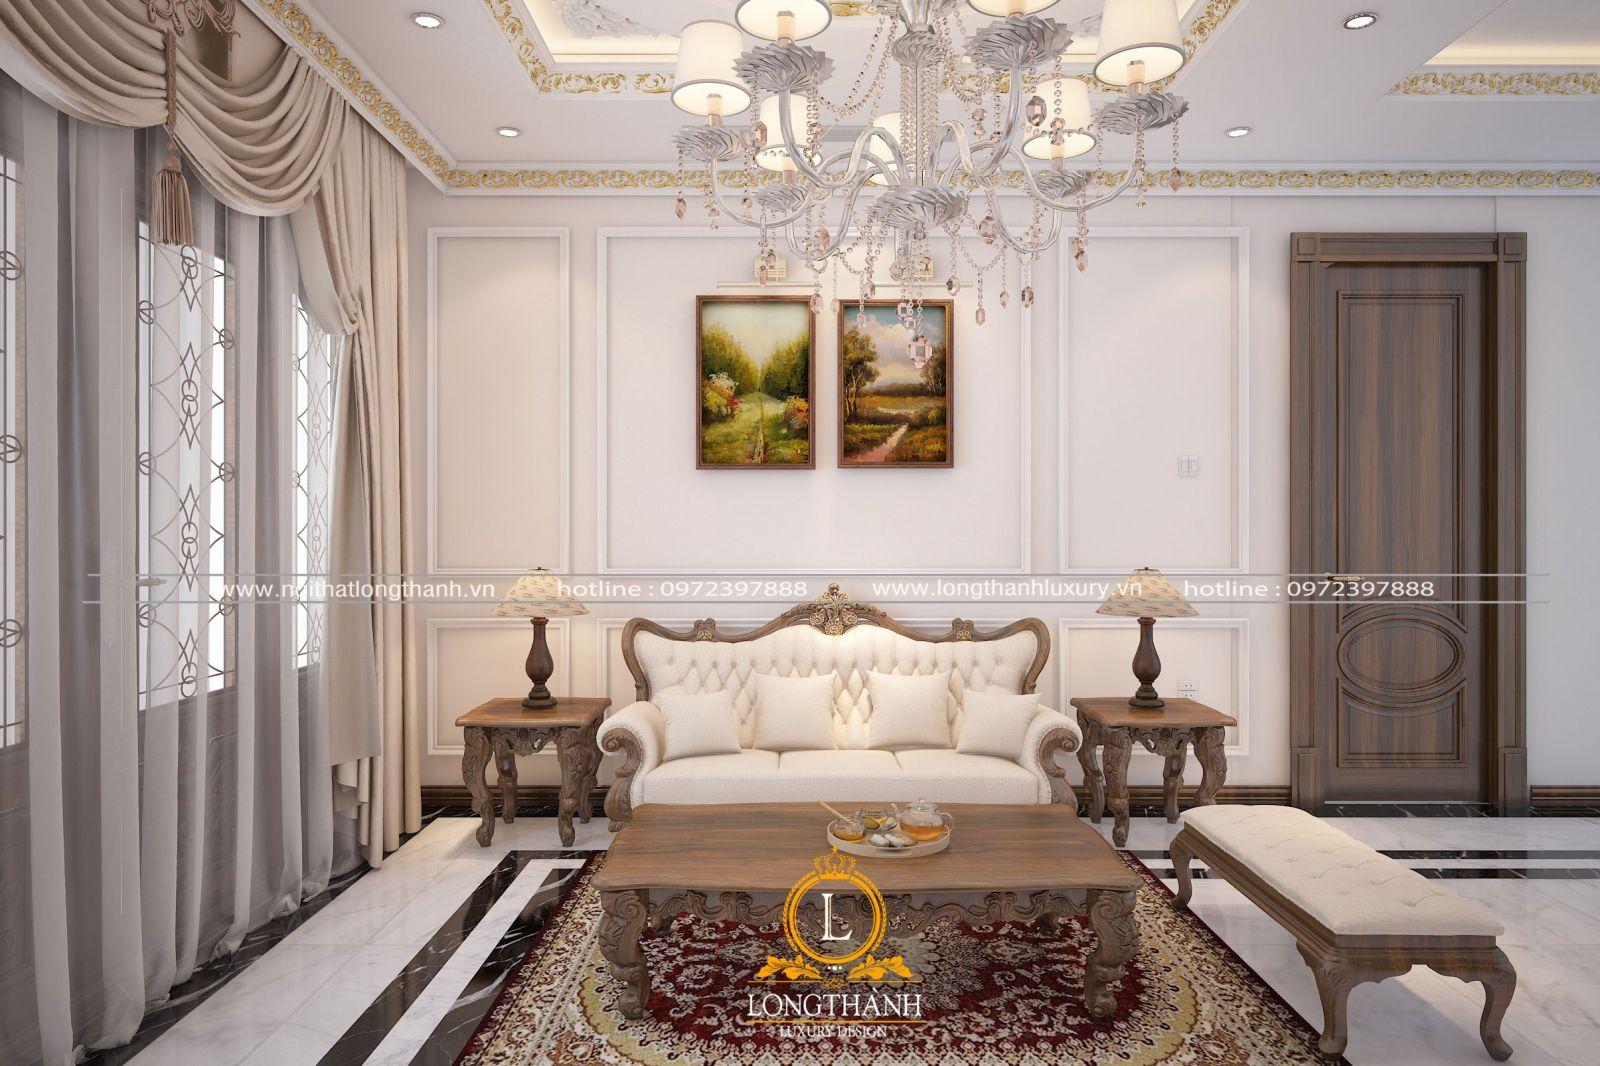 Phòng khách tân cổ điển cho chung cư 2 phòng ngủ